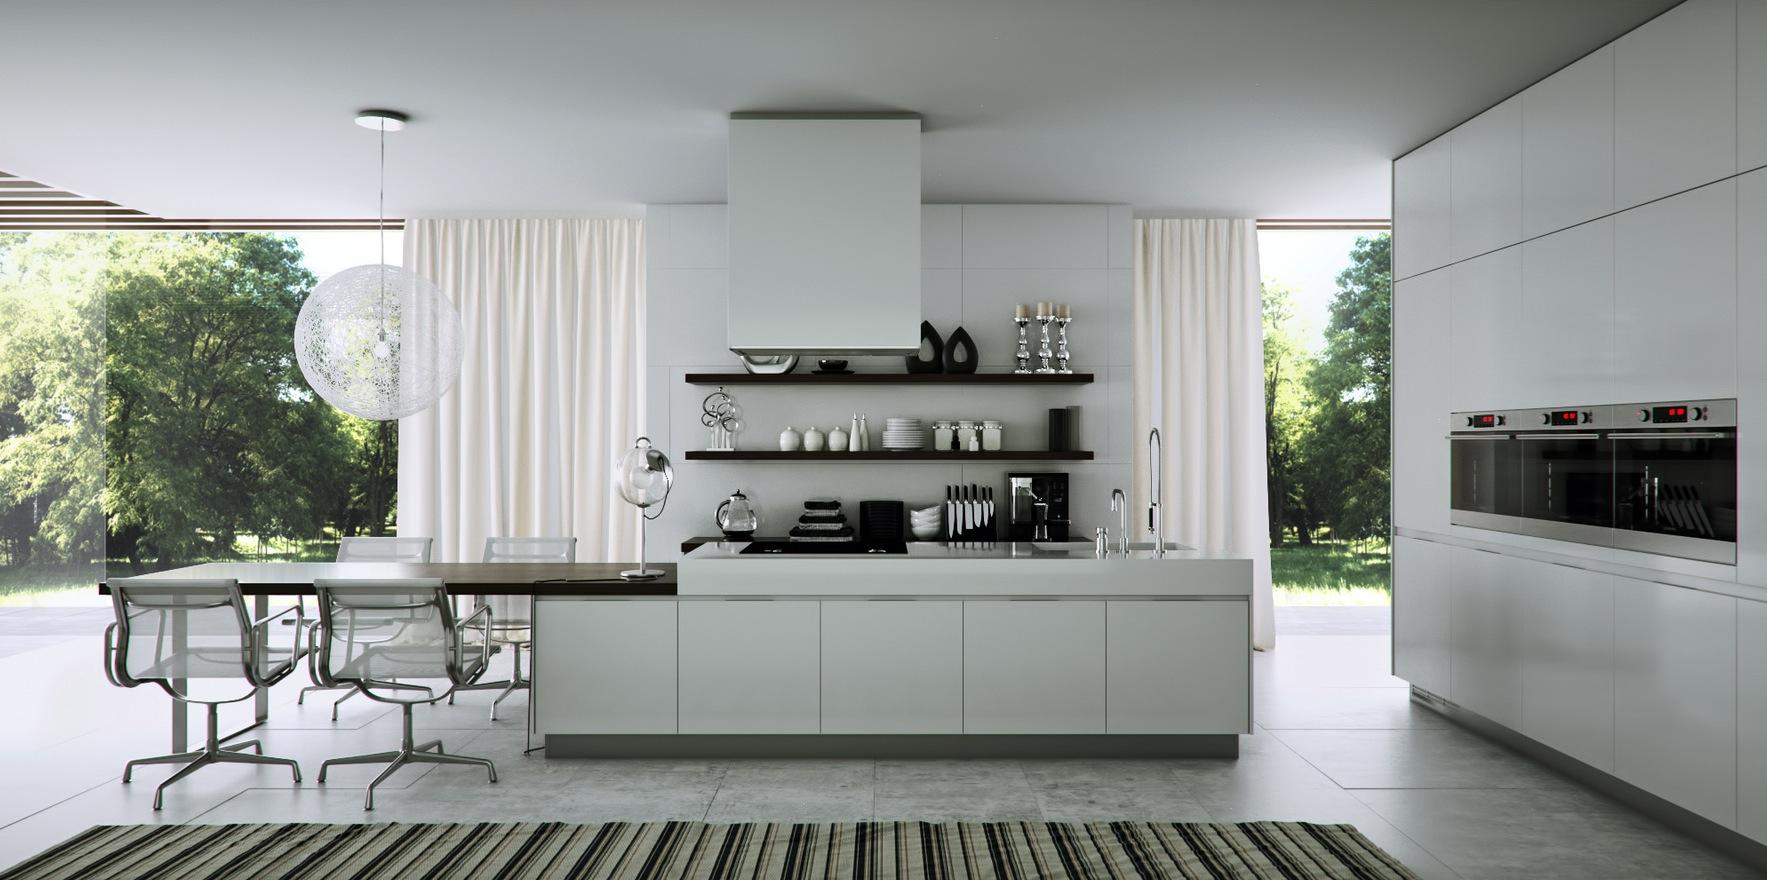 Серо-белый интерьер современной кухни